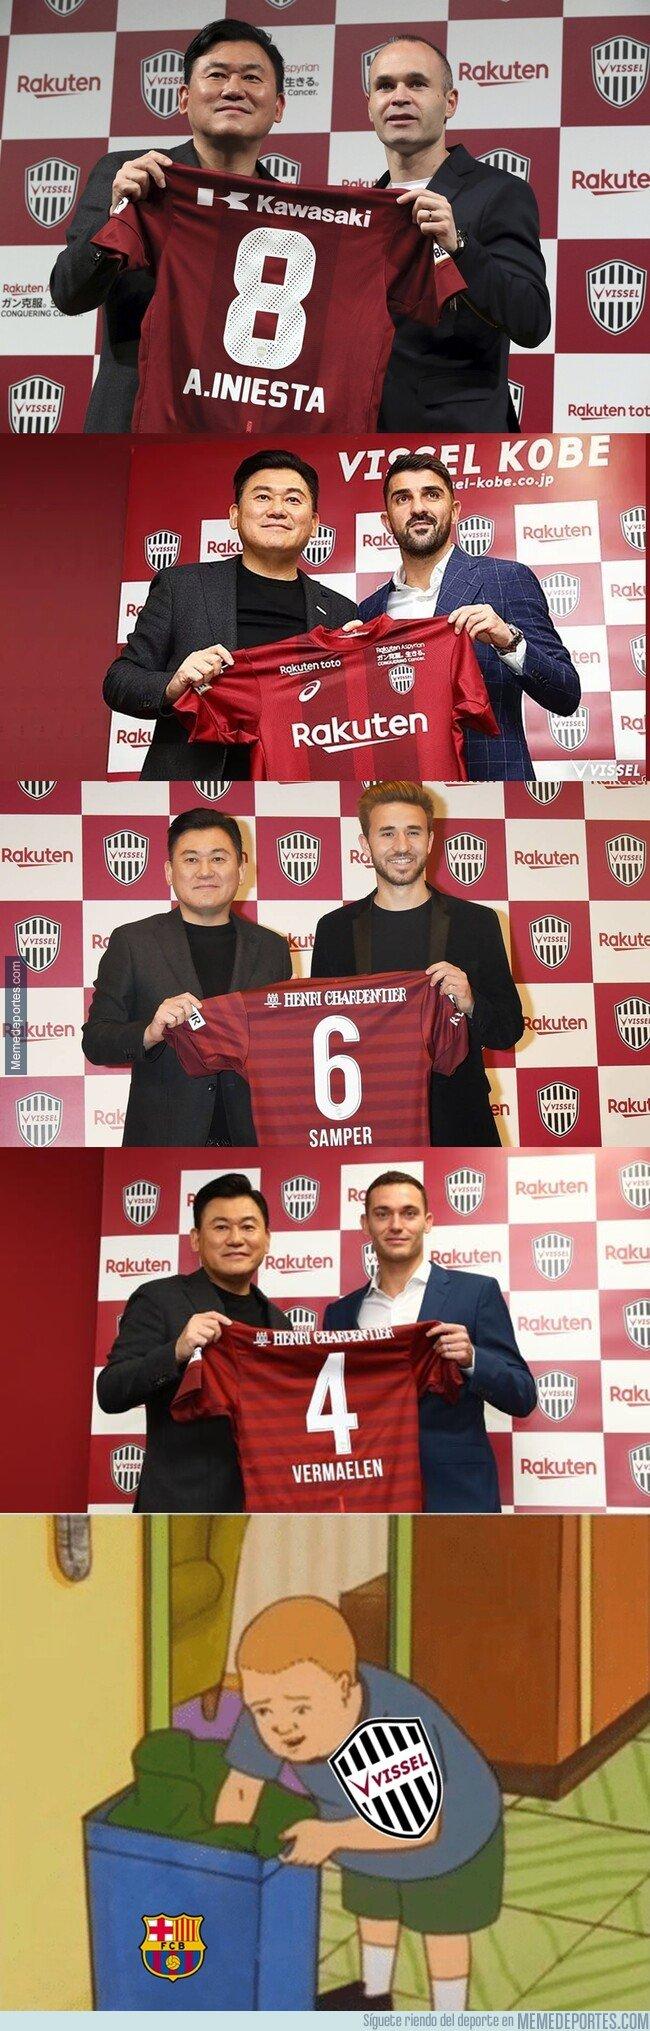 1082165 - El filial del Barça en Japón